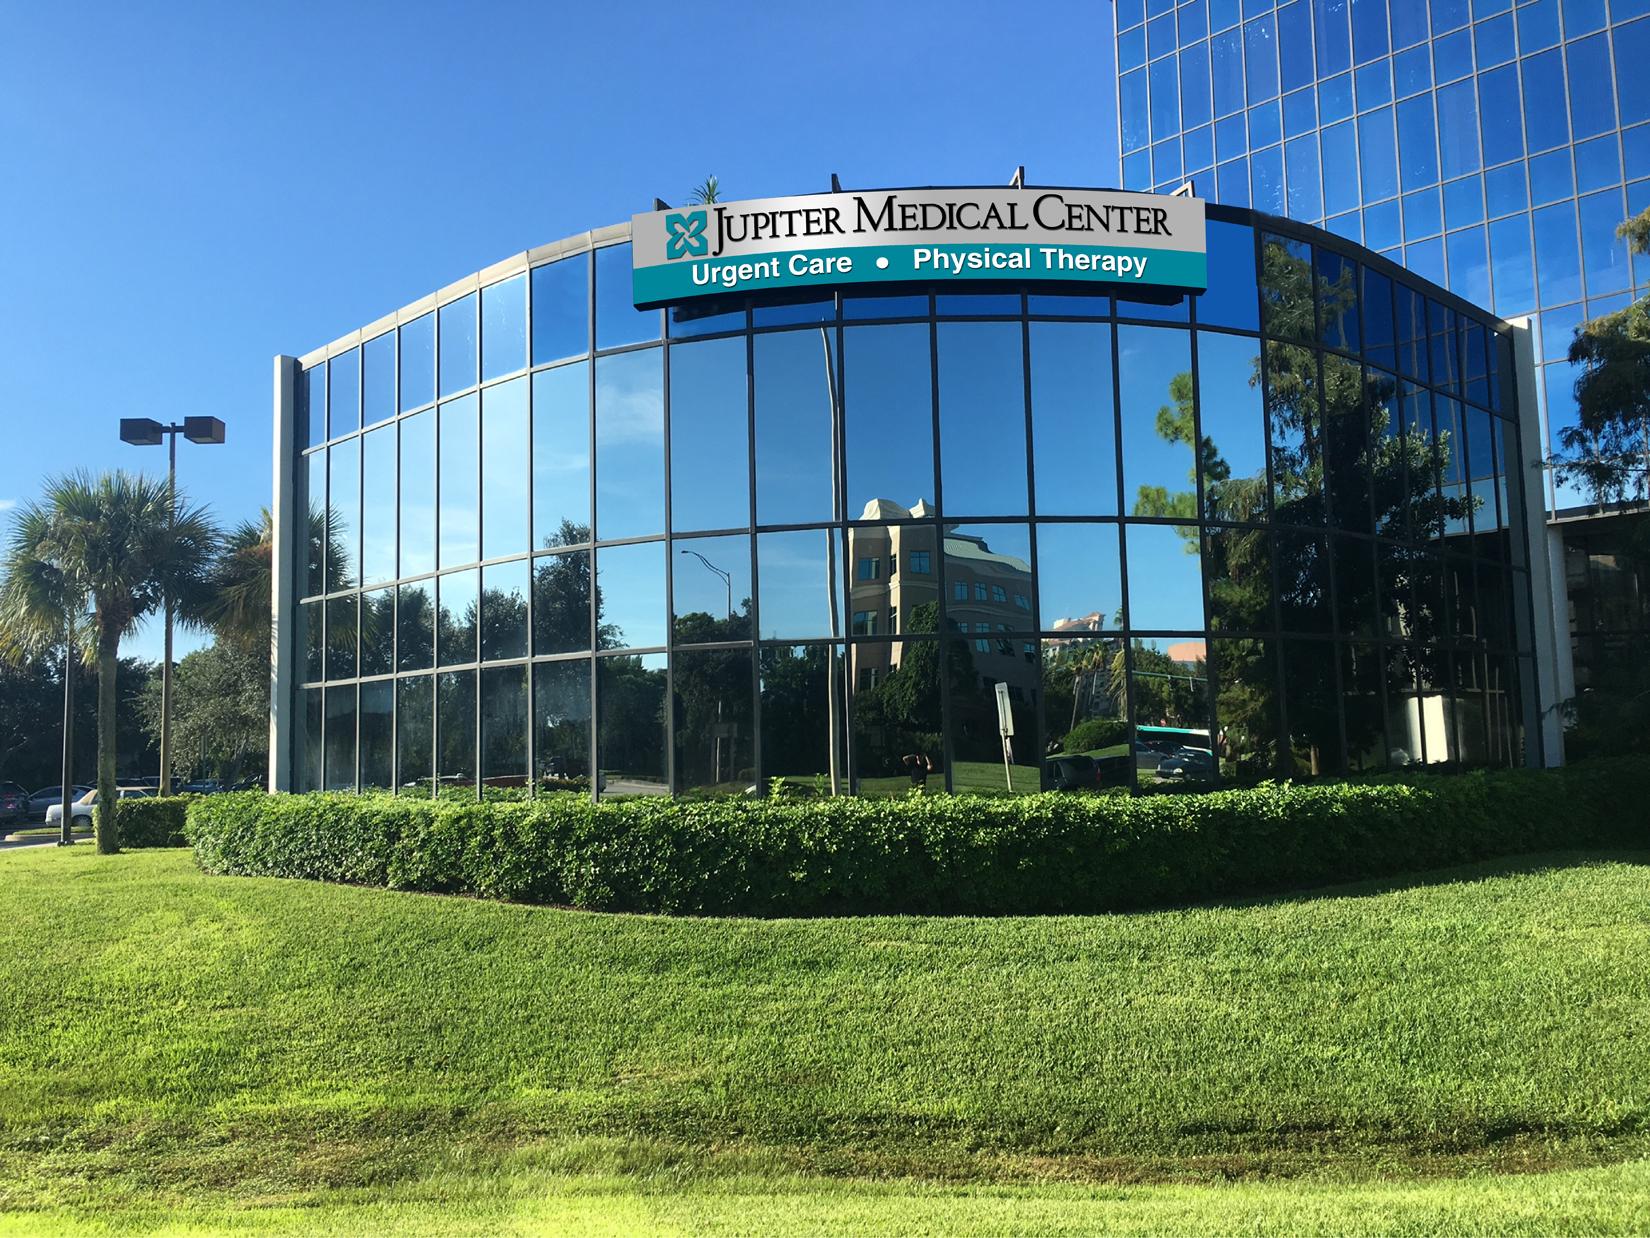 Jupiter Medical Center Urgent Care Book Online Urgent Care In